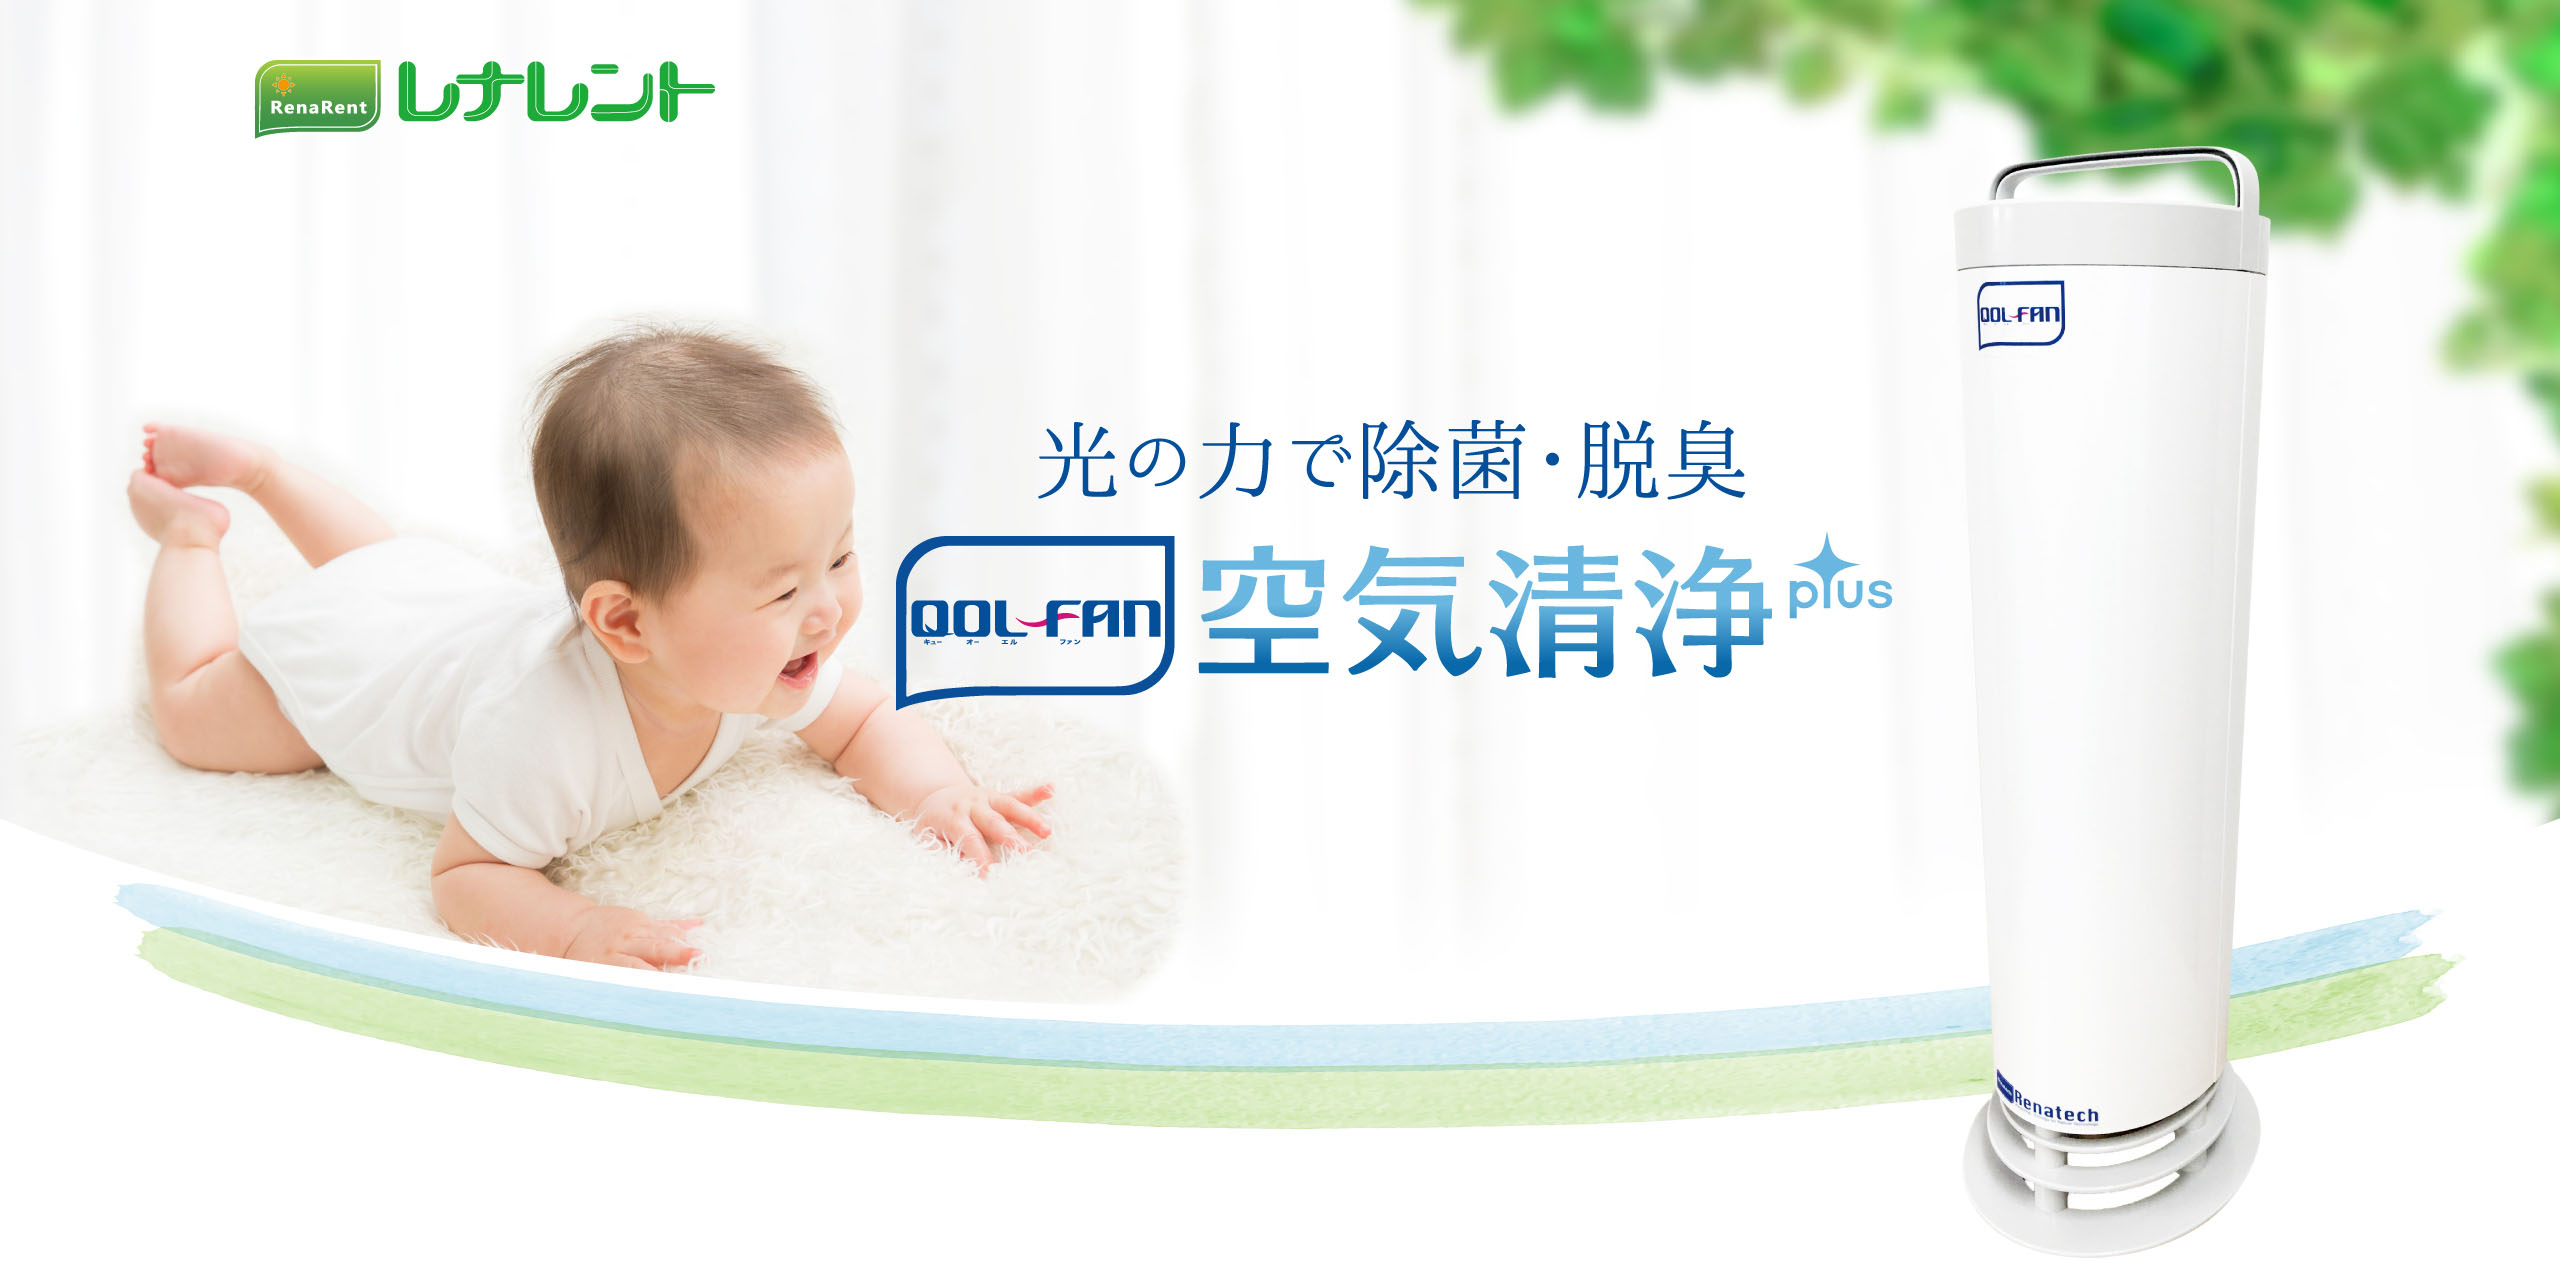 家族の健康や、オムツにニオイに-光触媒の力で除菌・脱臭 QOL-FAN 空気清浄plus